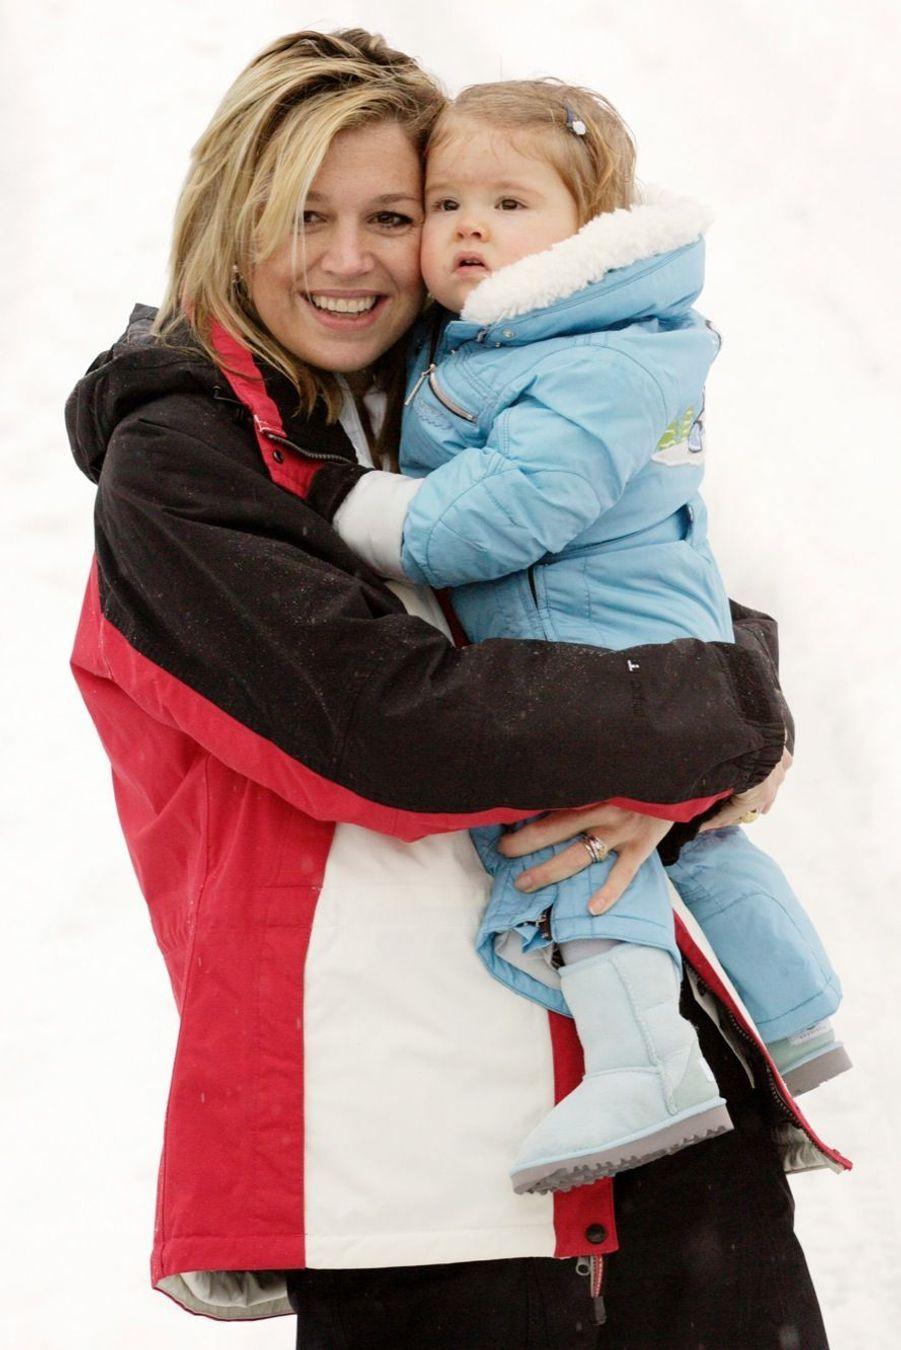 La princesse Catharina-Amalia dans les bras de sa mère Maxima, en vacances de ski en Autriche en février 2005